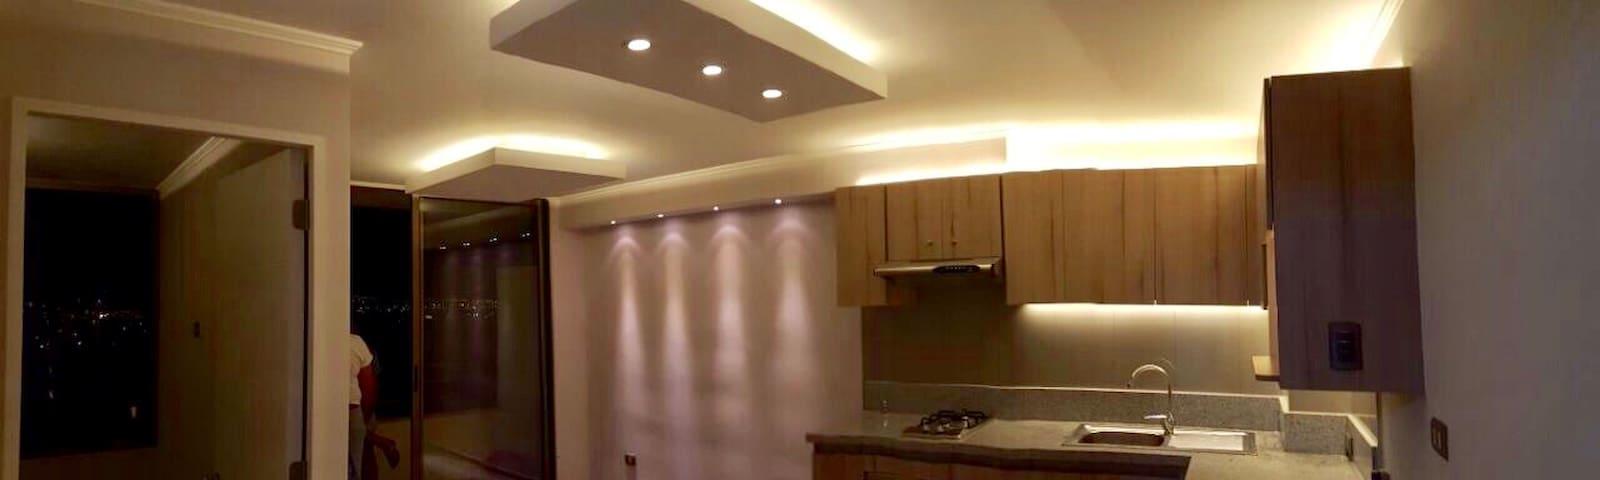 La elegancia de las luces LED en todo el departamento!